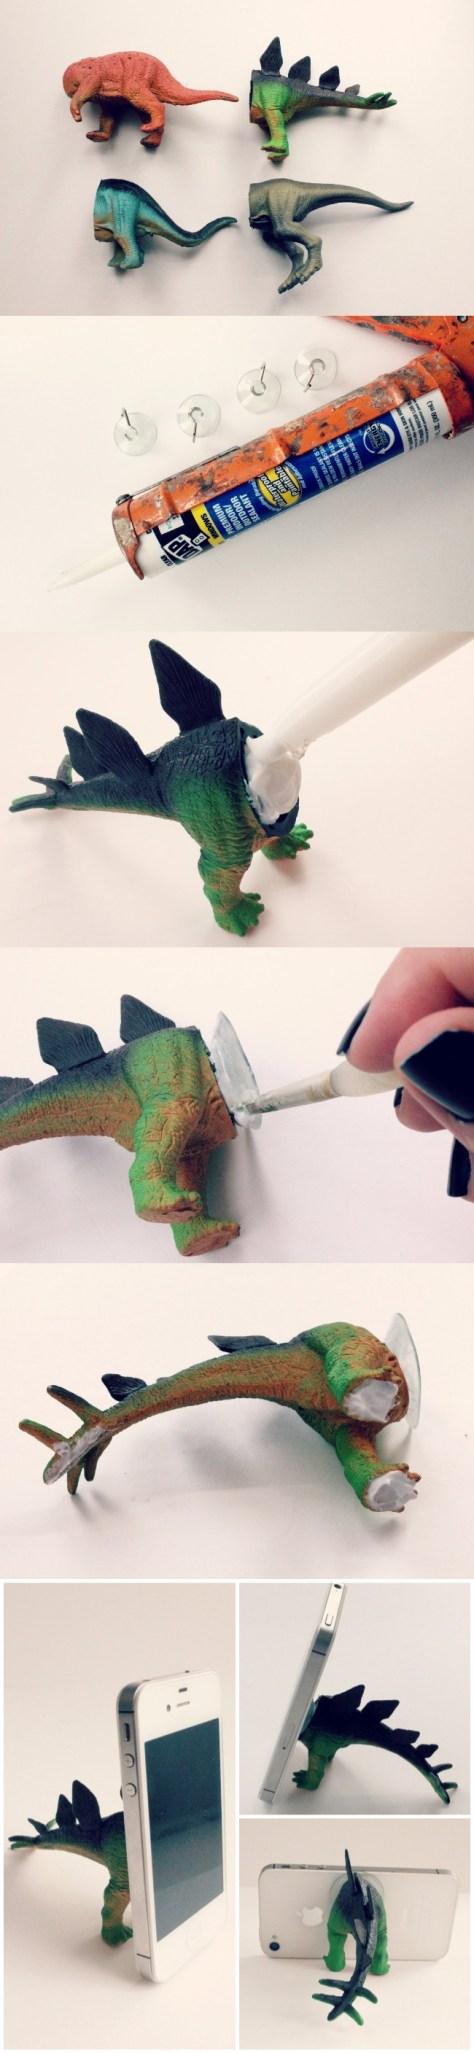 DIY Dinosaur Phone Stand